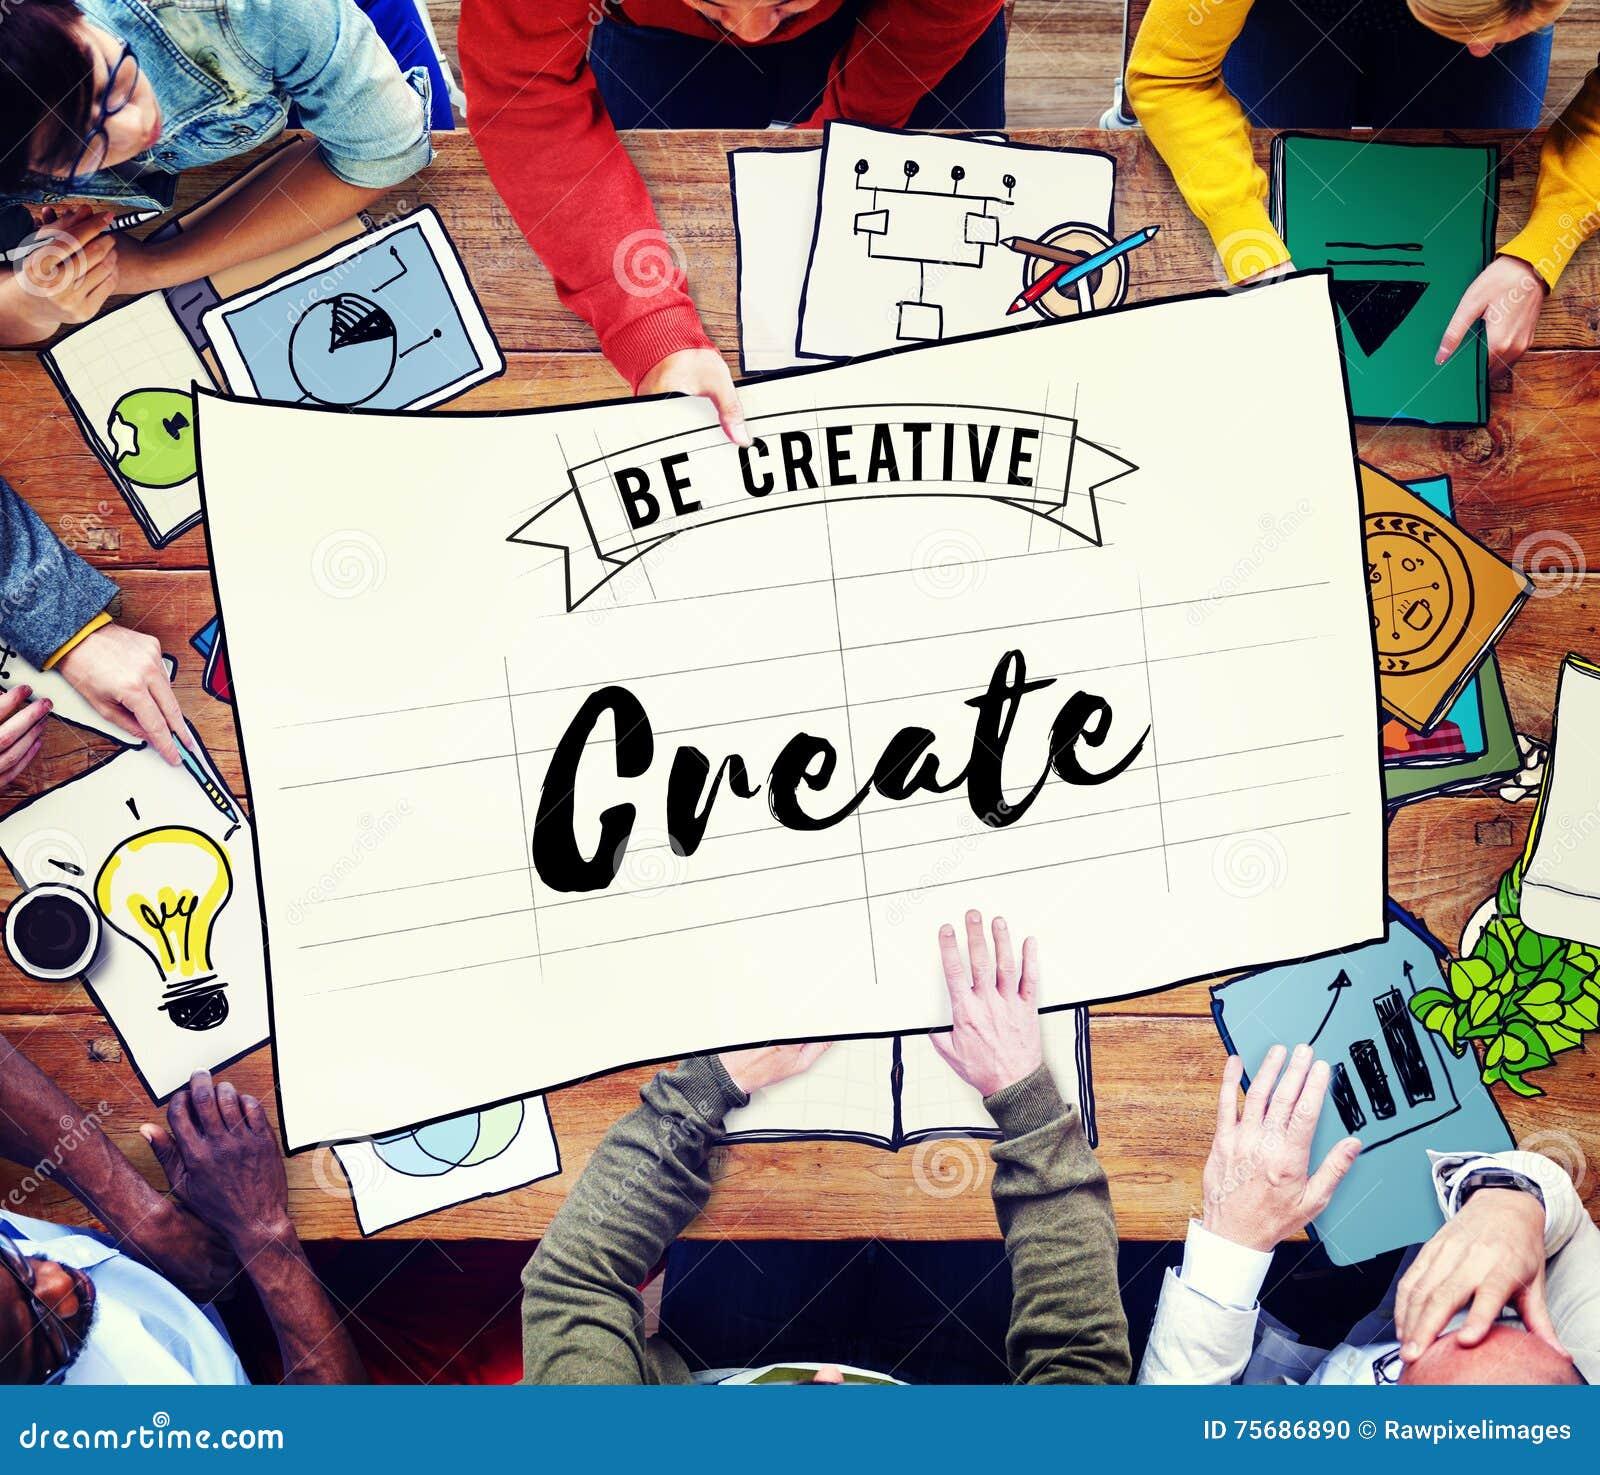 Tworzy Kreatywnie twórczość pomysły wyobraźnia Inspiruje pojęcie